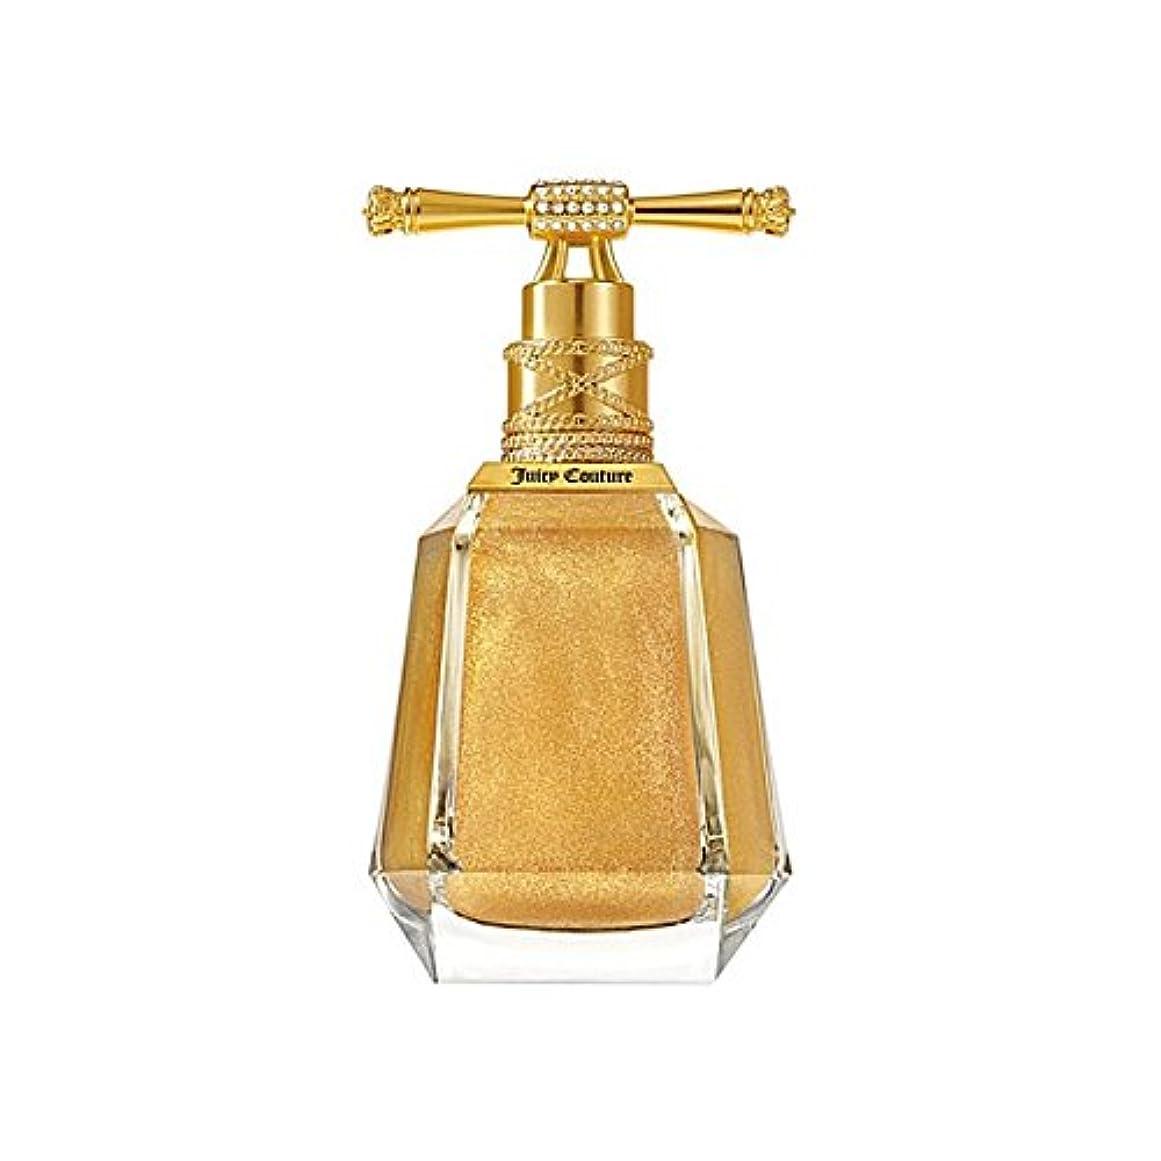 アイドル船酔い悪のジューシークチュールドライオイルきらめきミスト100ミリリットル x4 - Juicy Couture Dry Oil Shimmer Mist 100ml (Pack of 4) [並行輸入品]